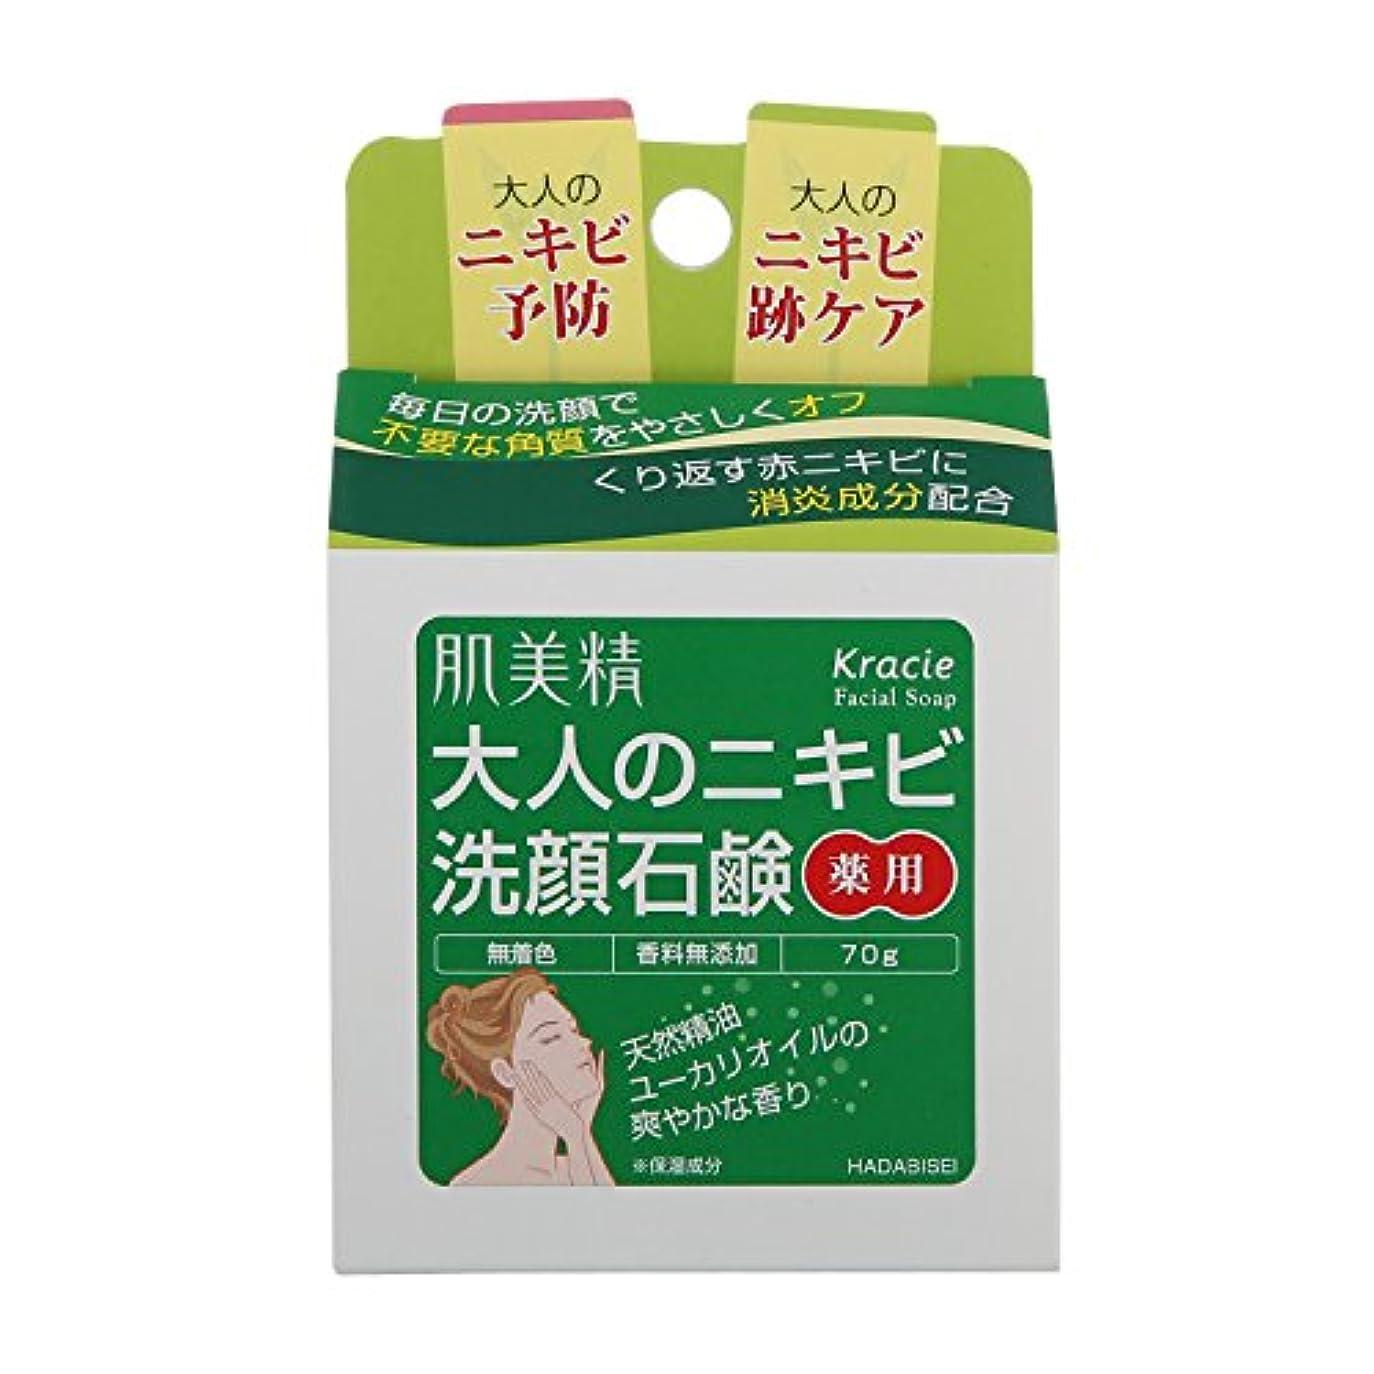 テープ刻むソーダ水肌美精 大人のニキビ 薬用洗顔石鹸 70g  [医薬部外品]